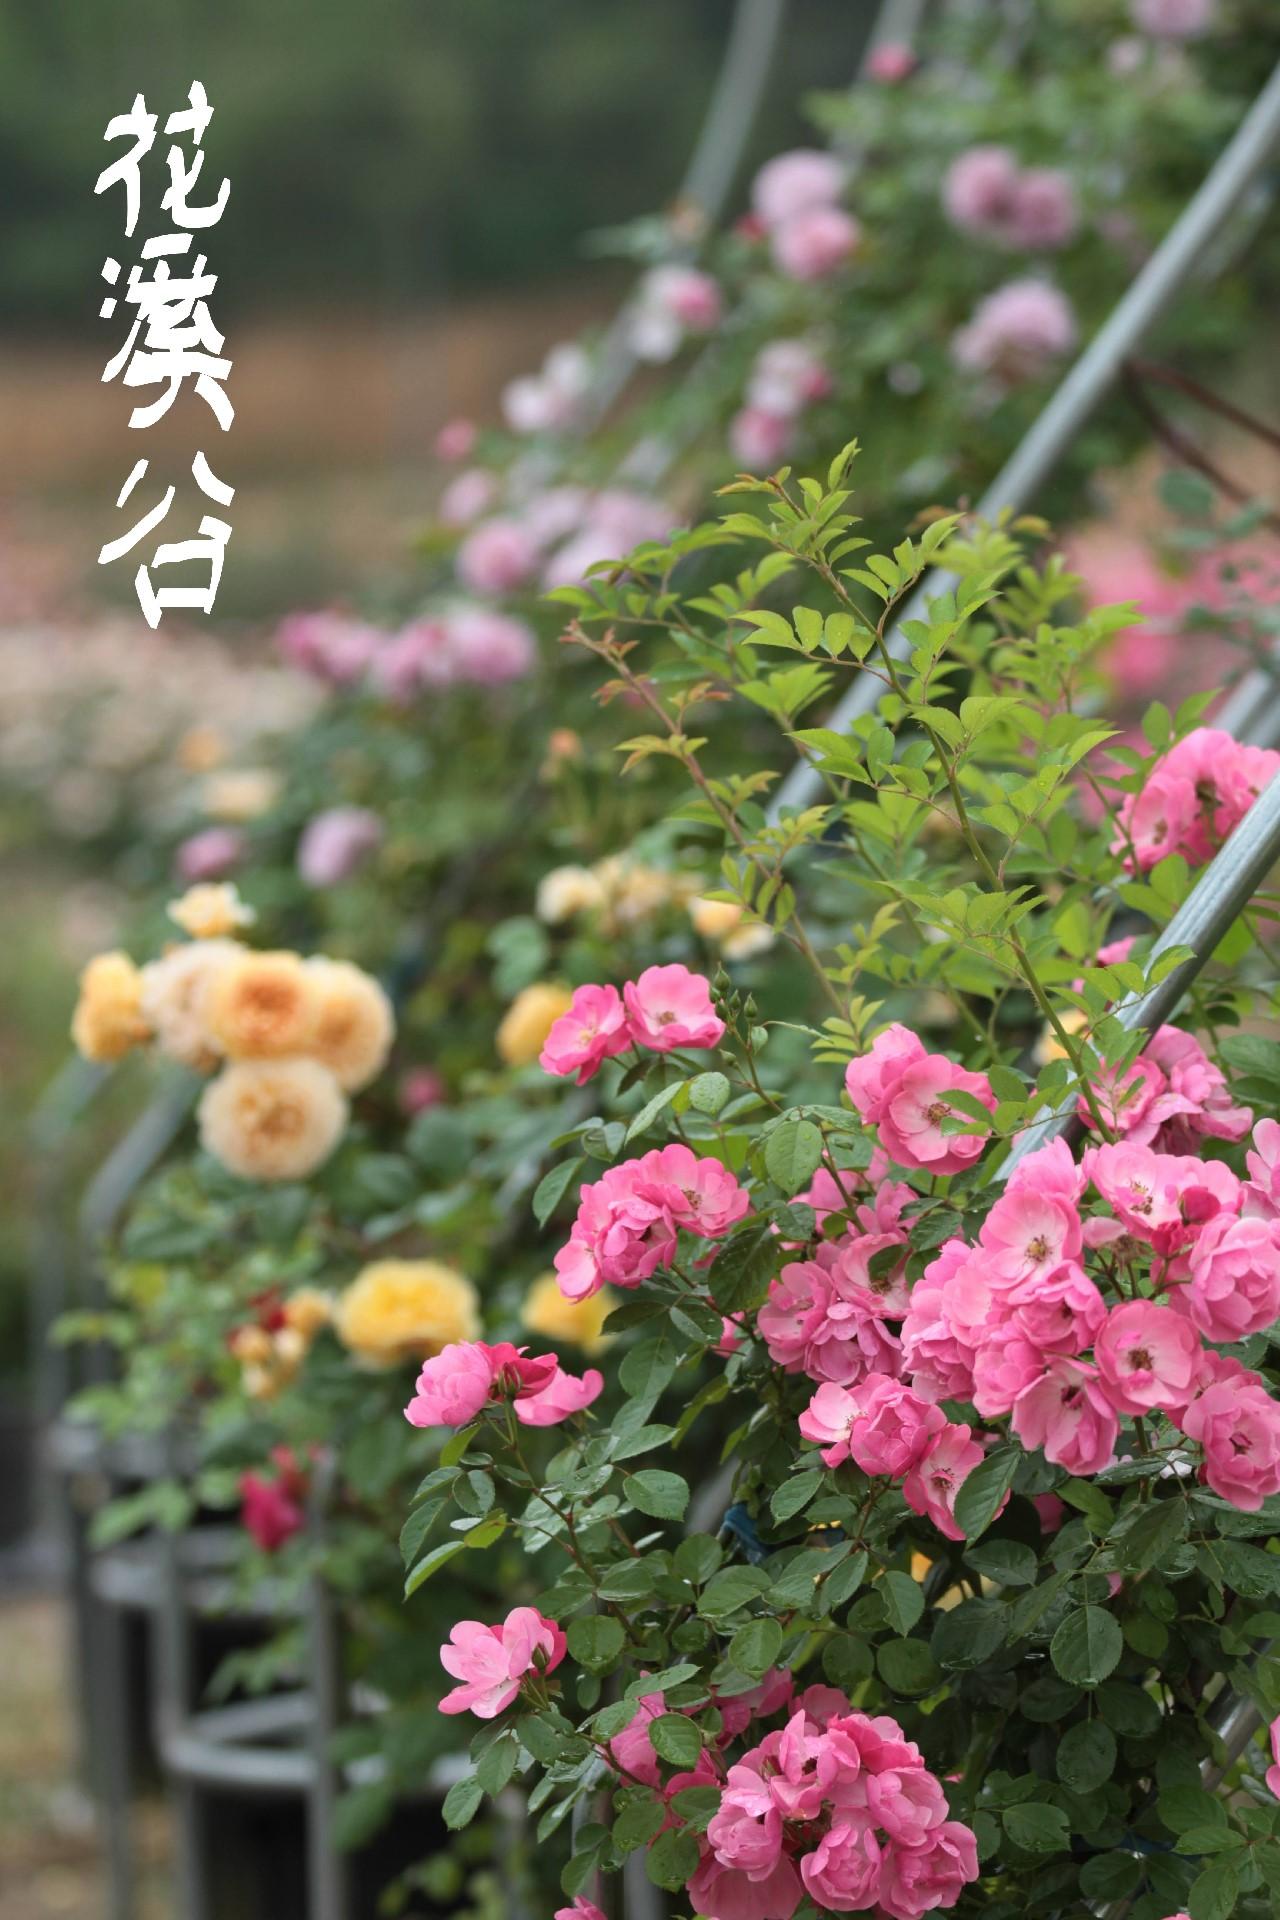 畲乡。花溪谷 - 宁国论坛 - fe201a727835c5e.jpg